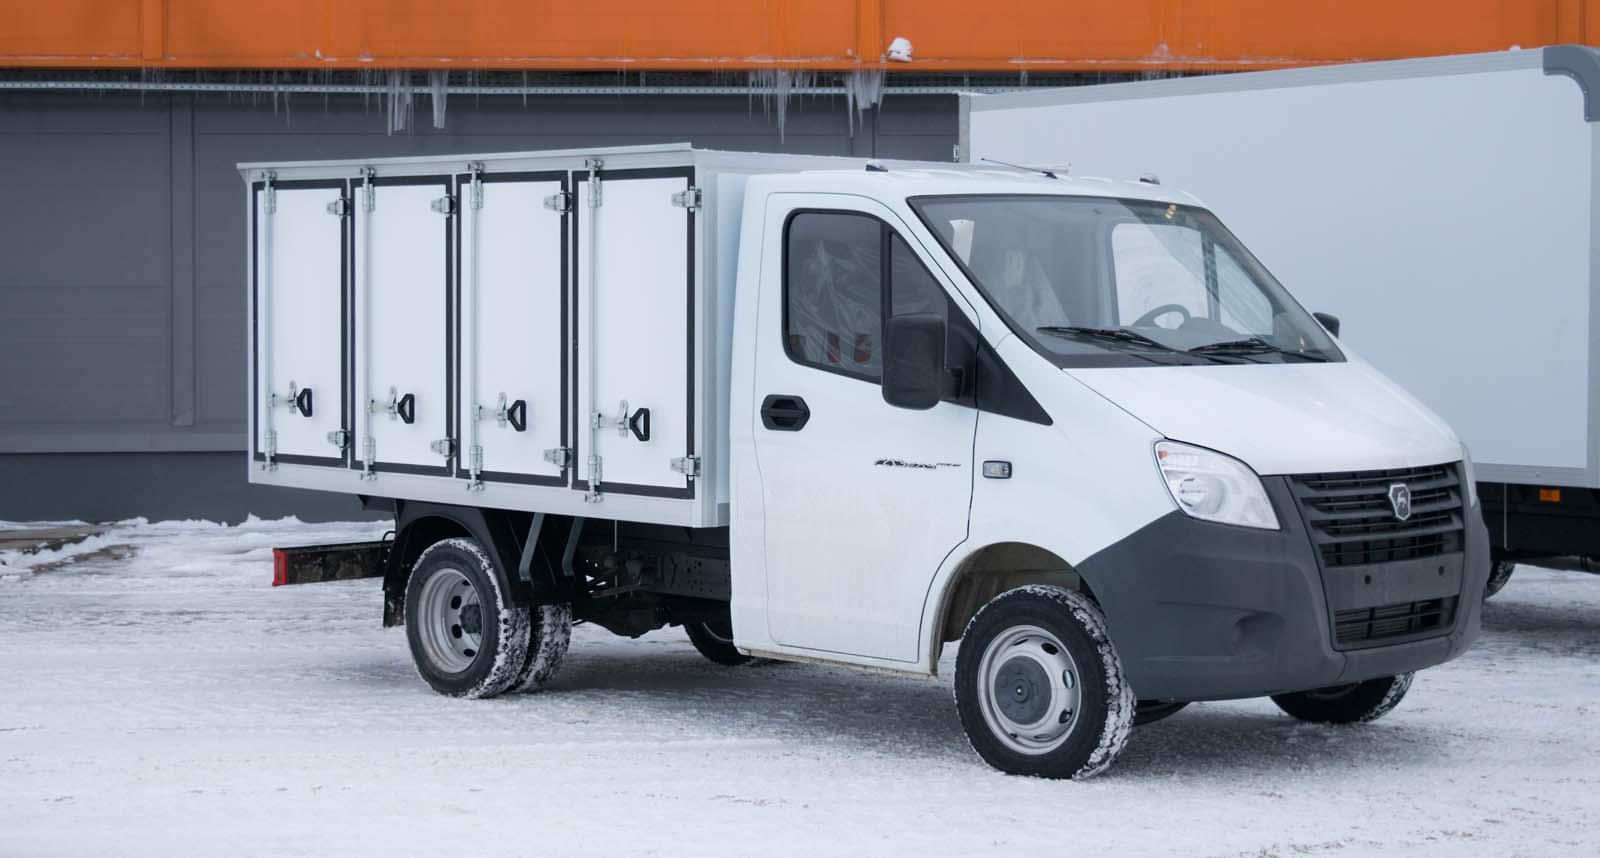 Можно ли переоборудовать стандартный фургон в рефрижератор?